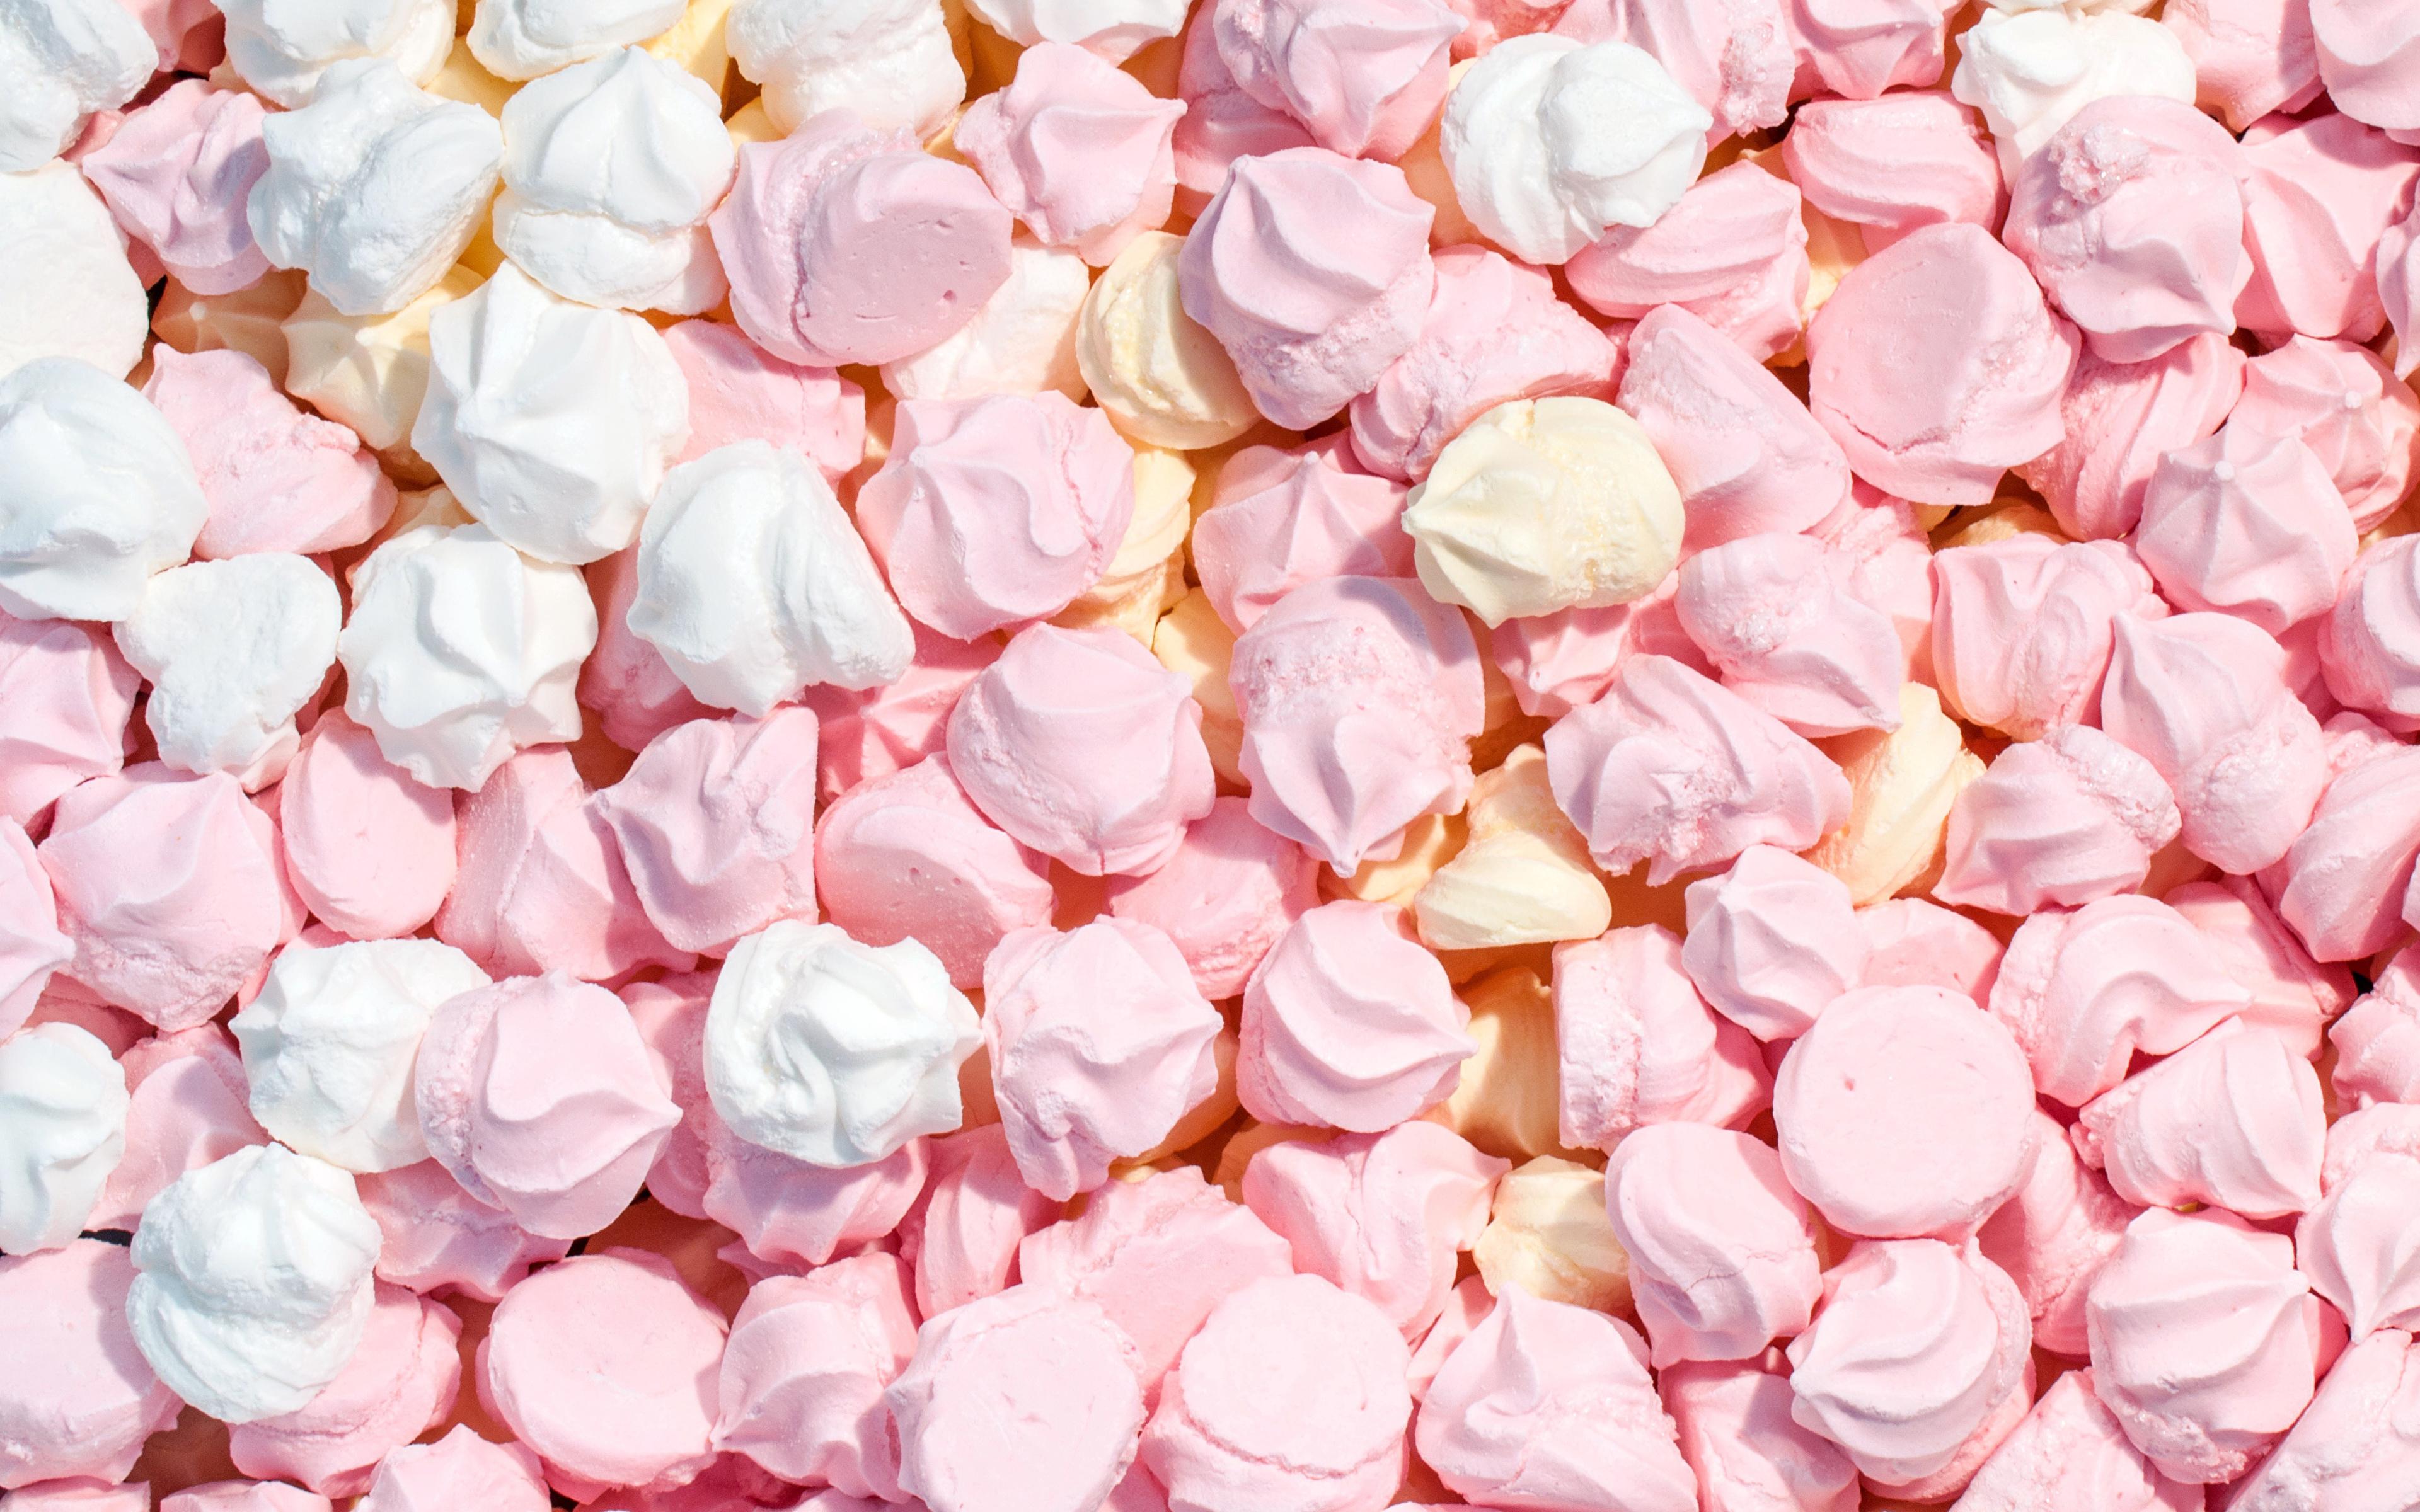 Картинка Beze Продукты питания Много сладкая еда 3840x2400 Еда Пища Сладости